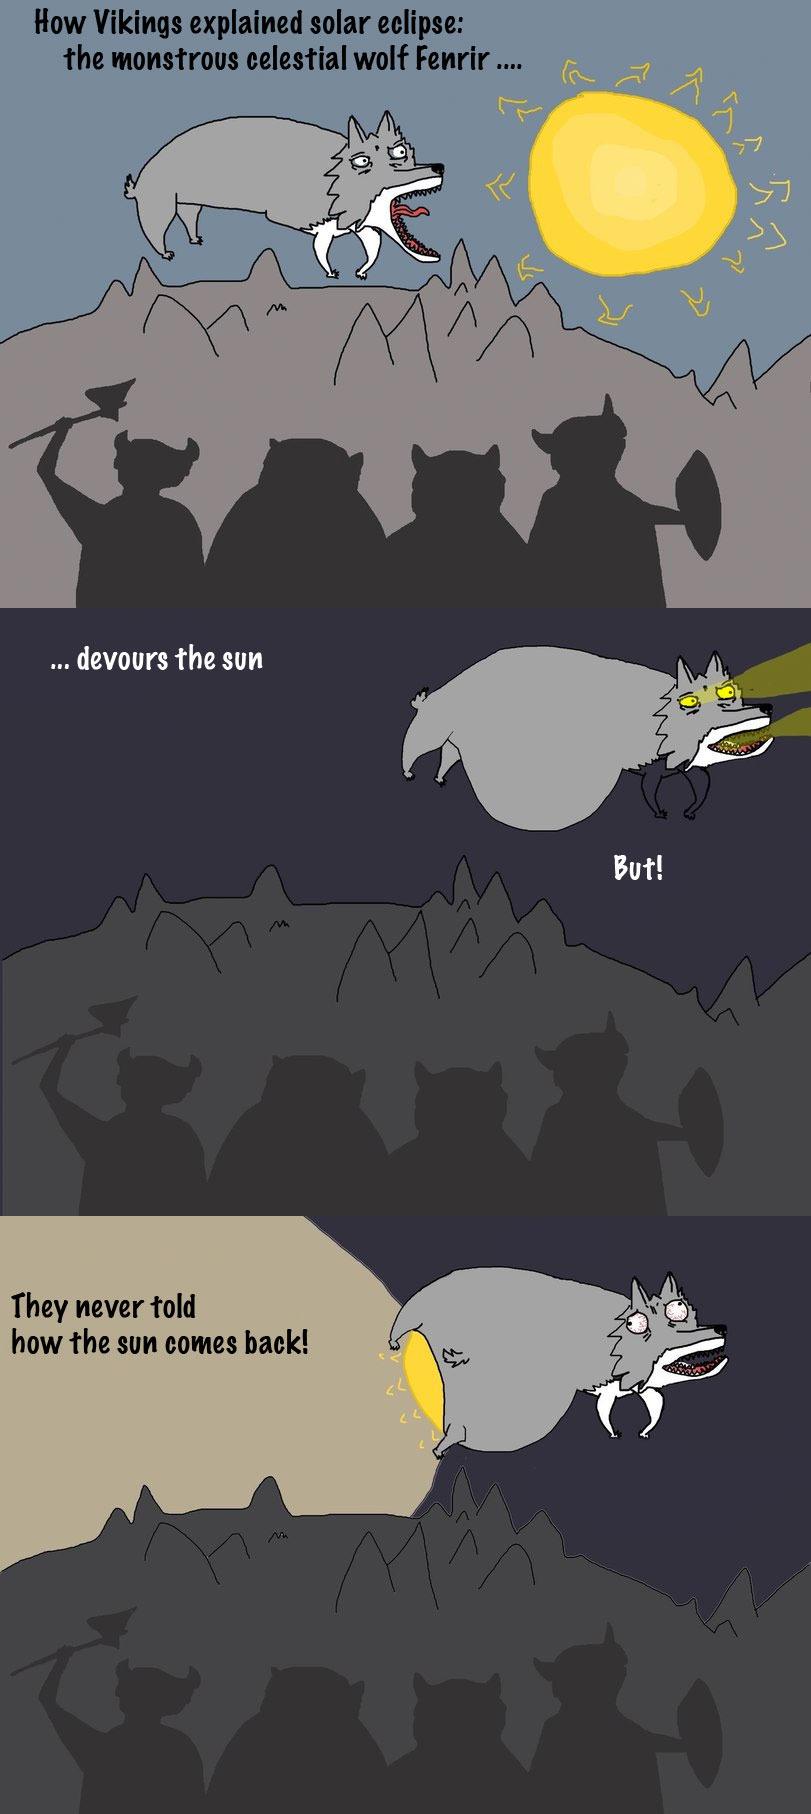 vikings mythology - meme